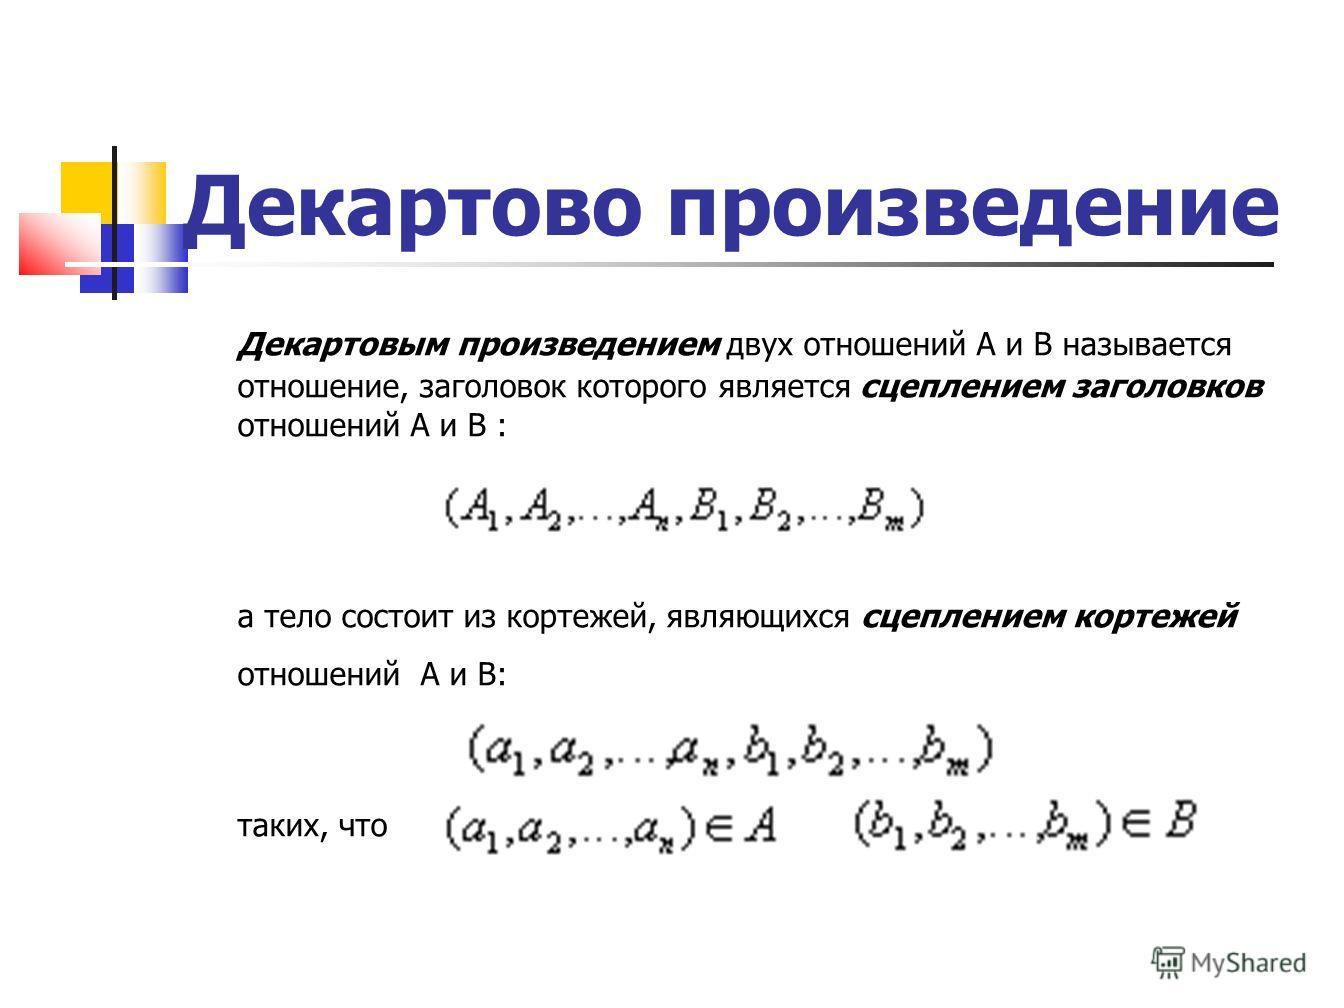 Декартово произведение Декартовым произведением двух отношений A и B называется отношение, заголовок которого является сцеплением заголовков отношений A и B : а тело состоит из кортежей, являющихся сцеплением кортежей отношений A и B: таких, что